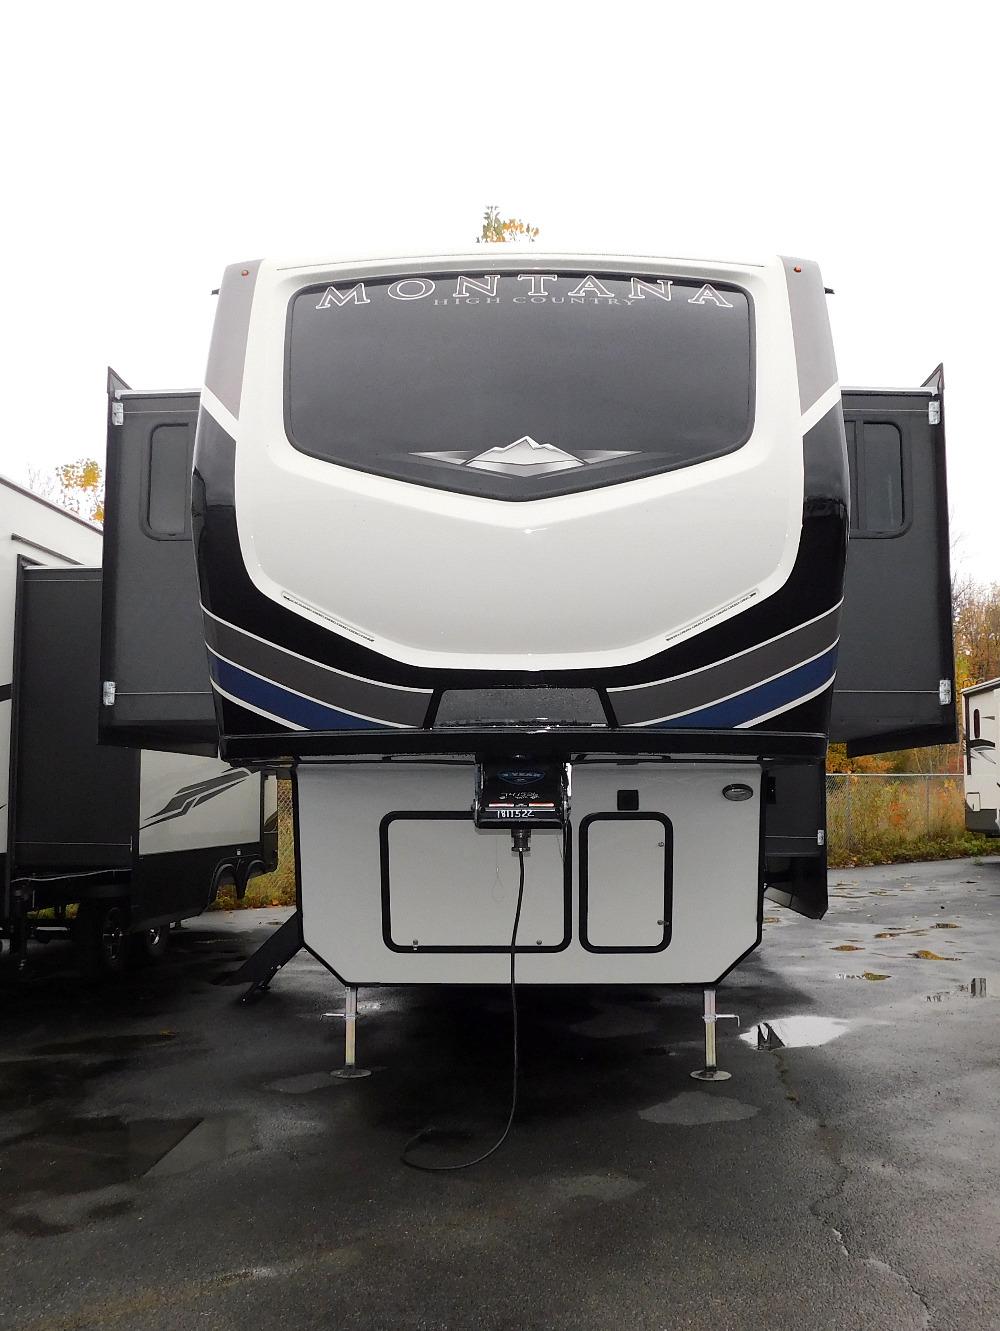 2021 Keystone RV 377fl